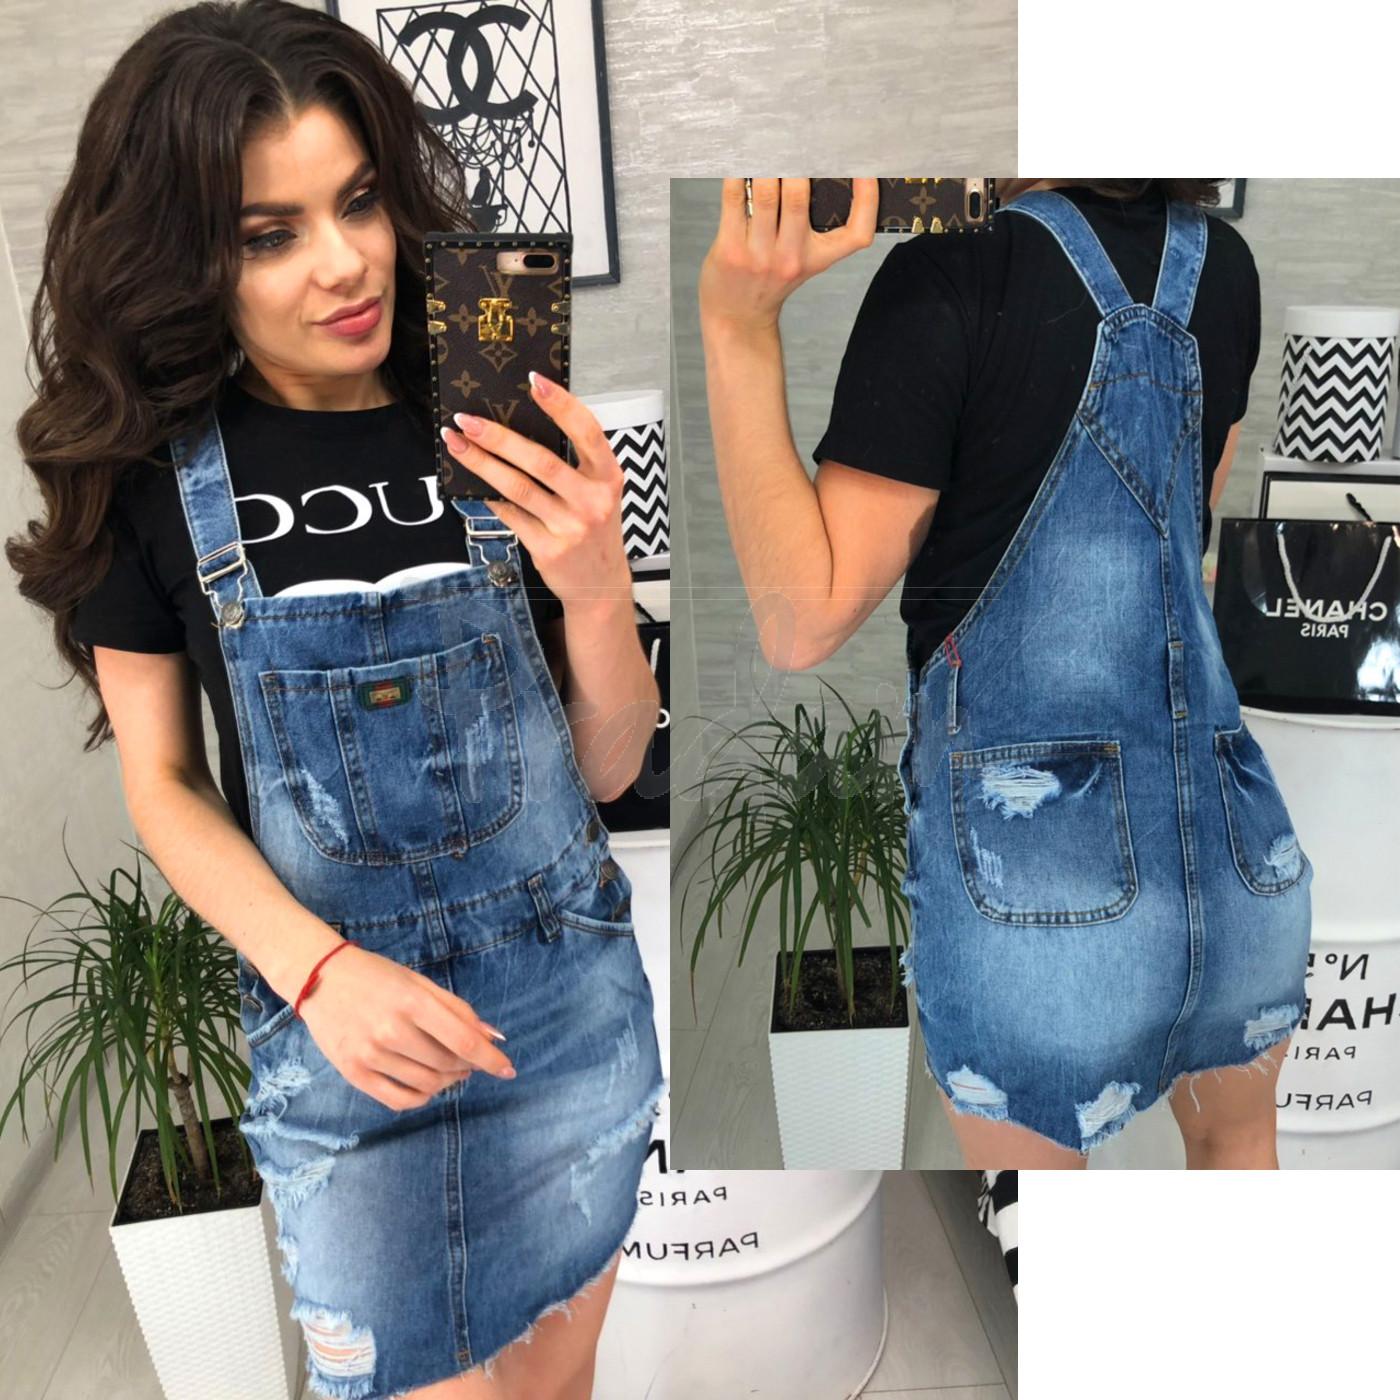 Y 0037-12 Relucky комбинезон - юбка джинсовый женский с рванкой весенний котоновый (25-30, 6 ед.)